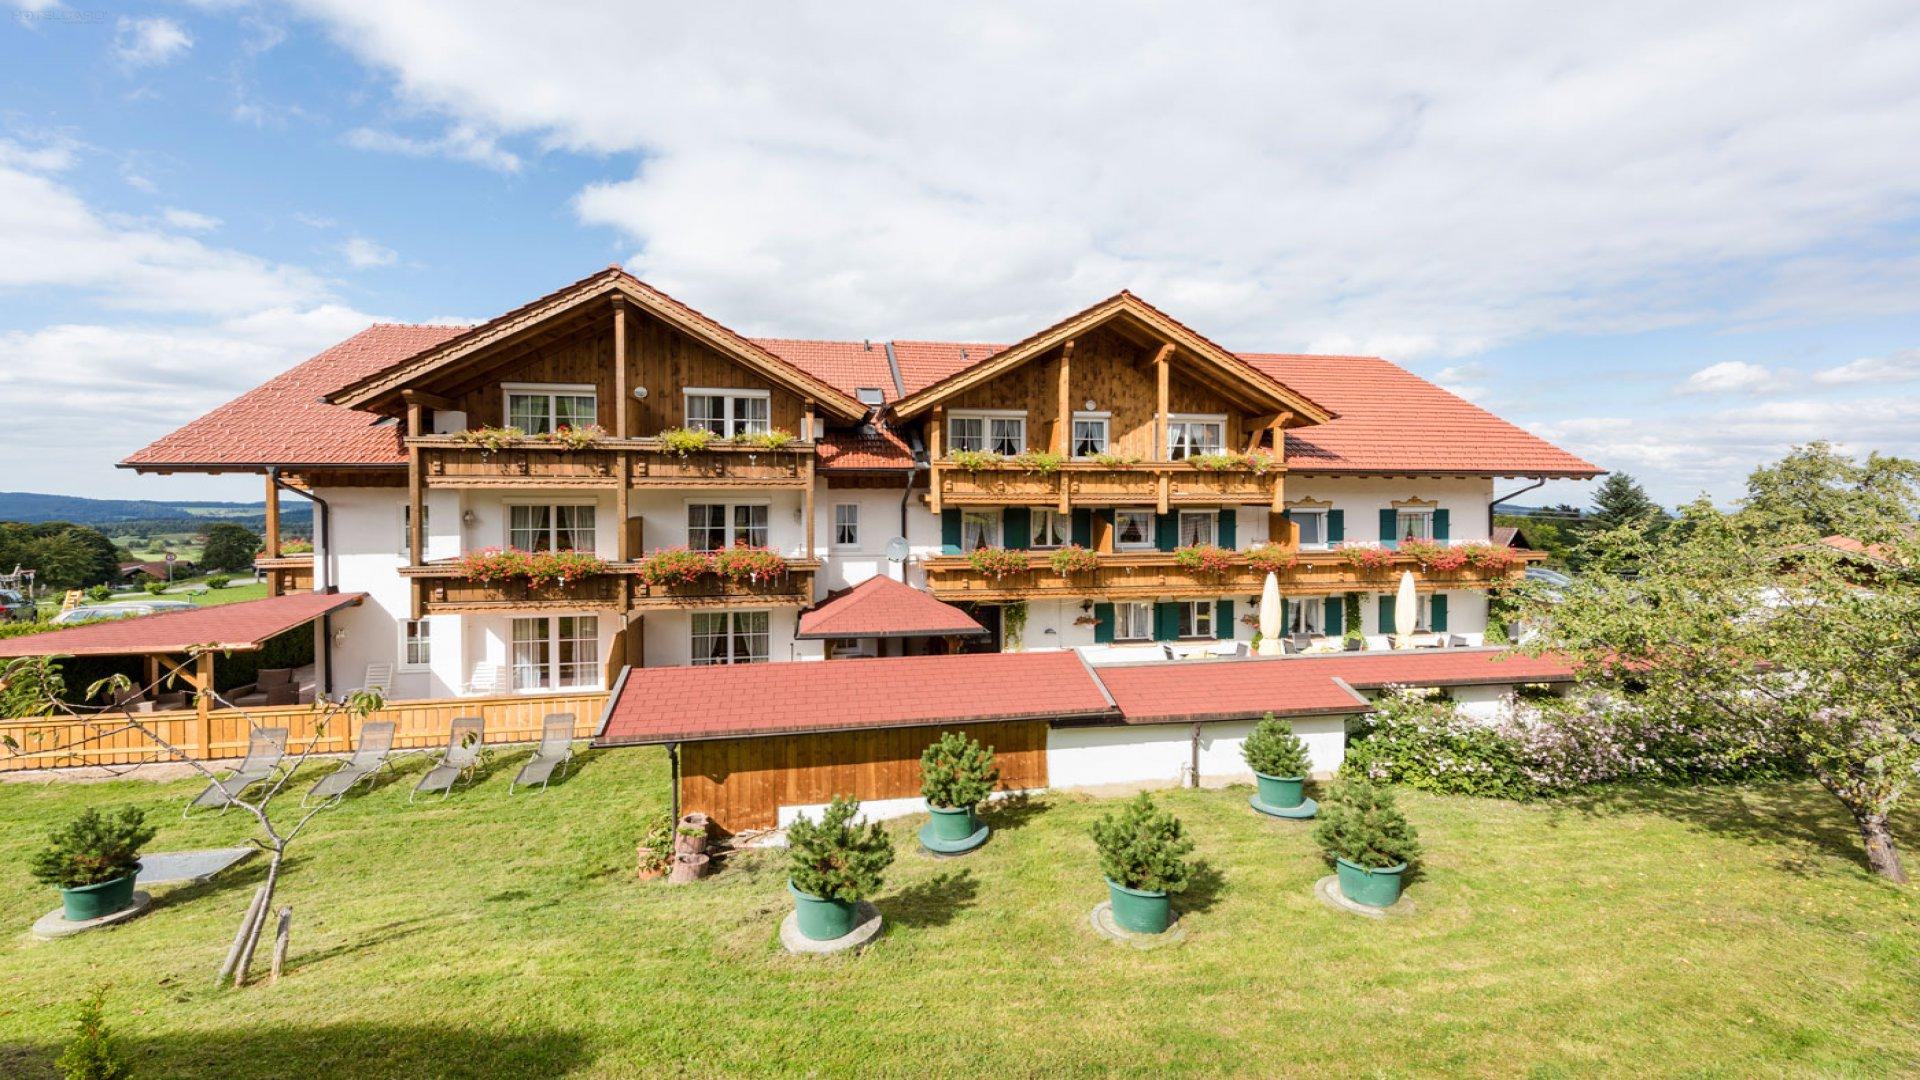 Kur und Wellnesshotel Waldruh 1